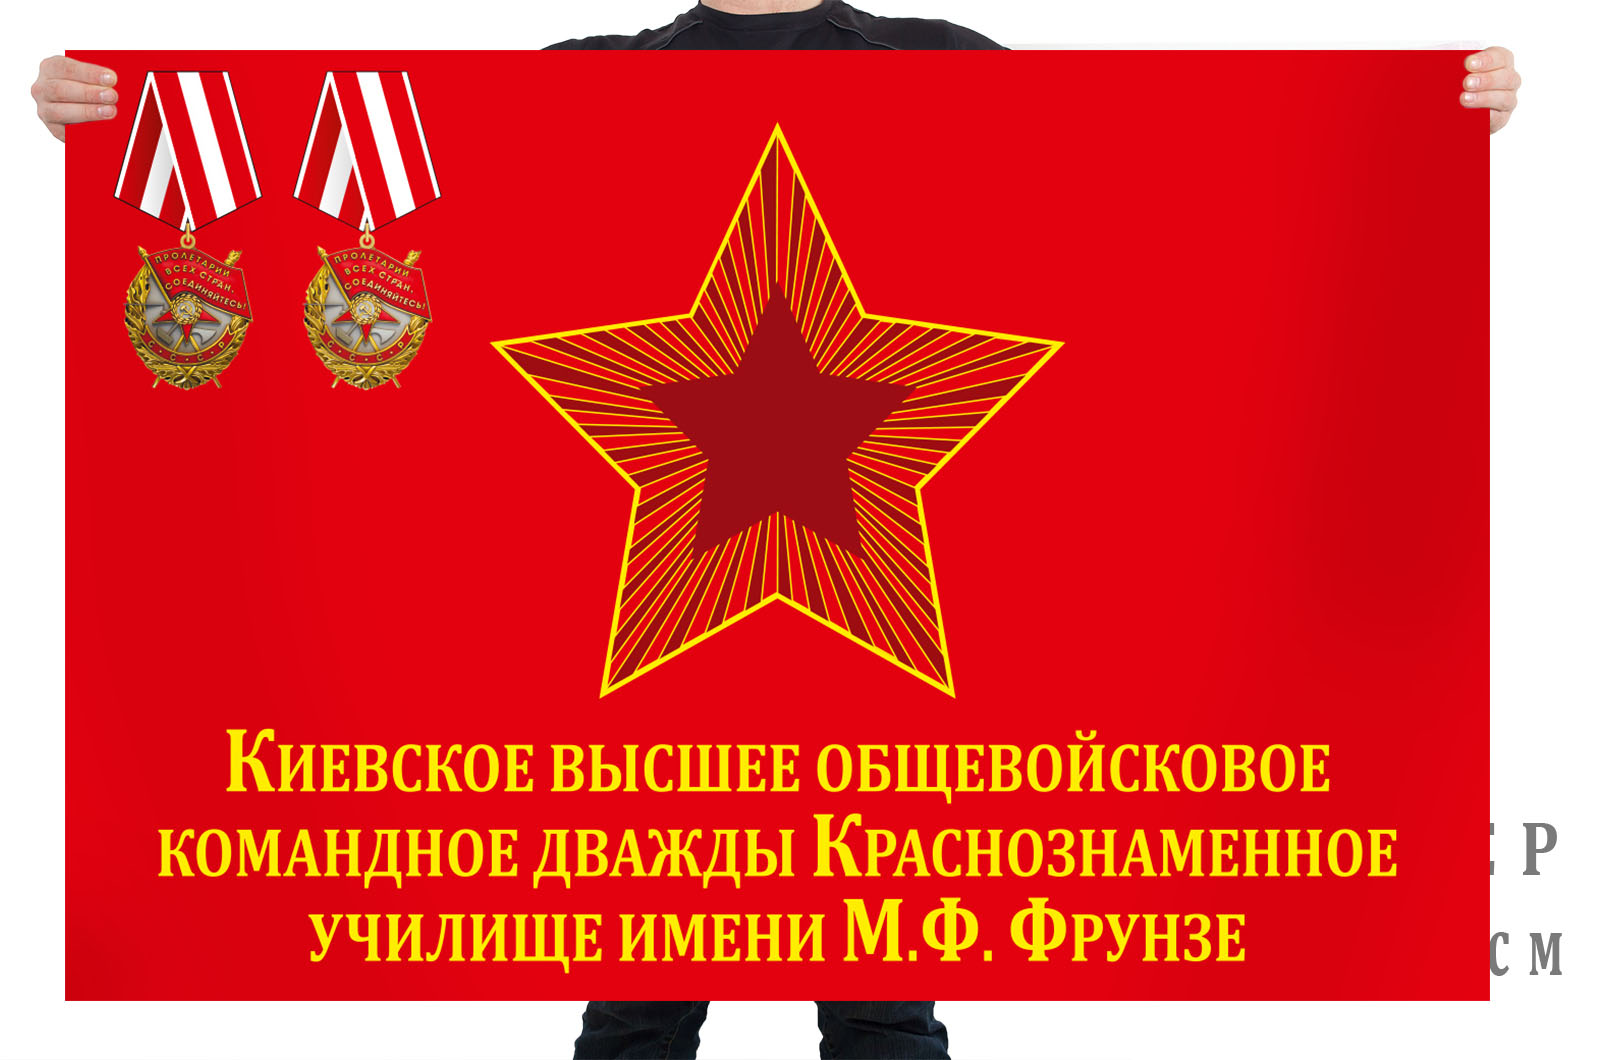 """Флаг """"Киевское высшее общевойсковое командное дважды Краснознамённое училище имени М. В. Фрунзе"""""""